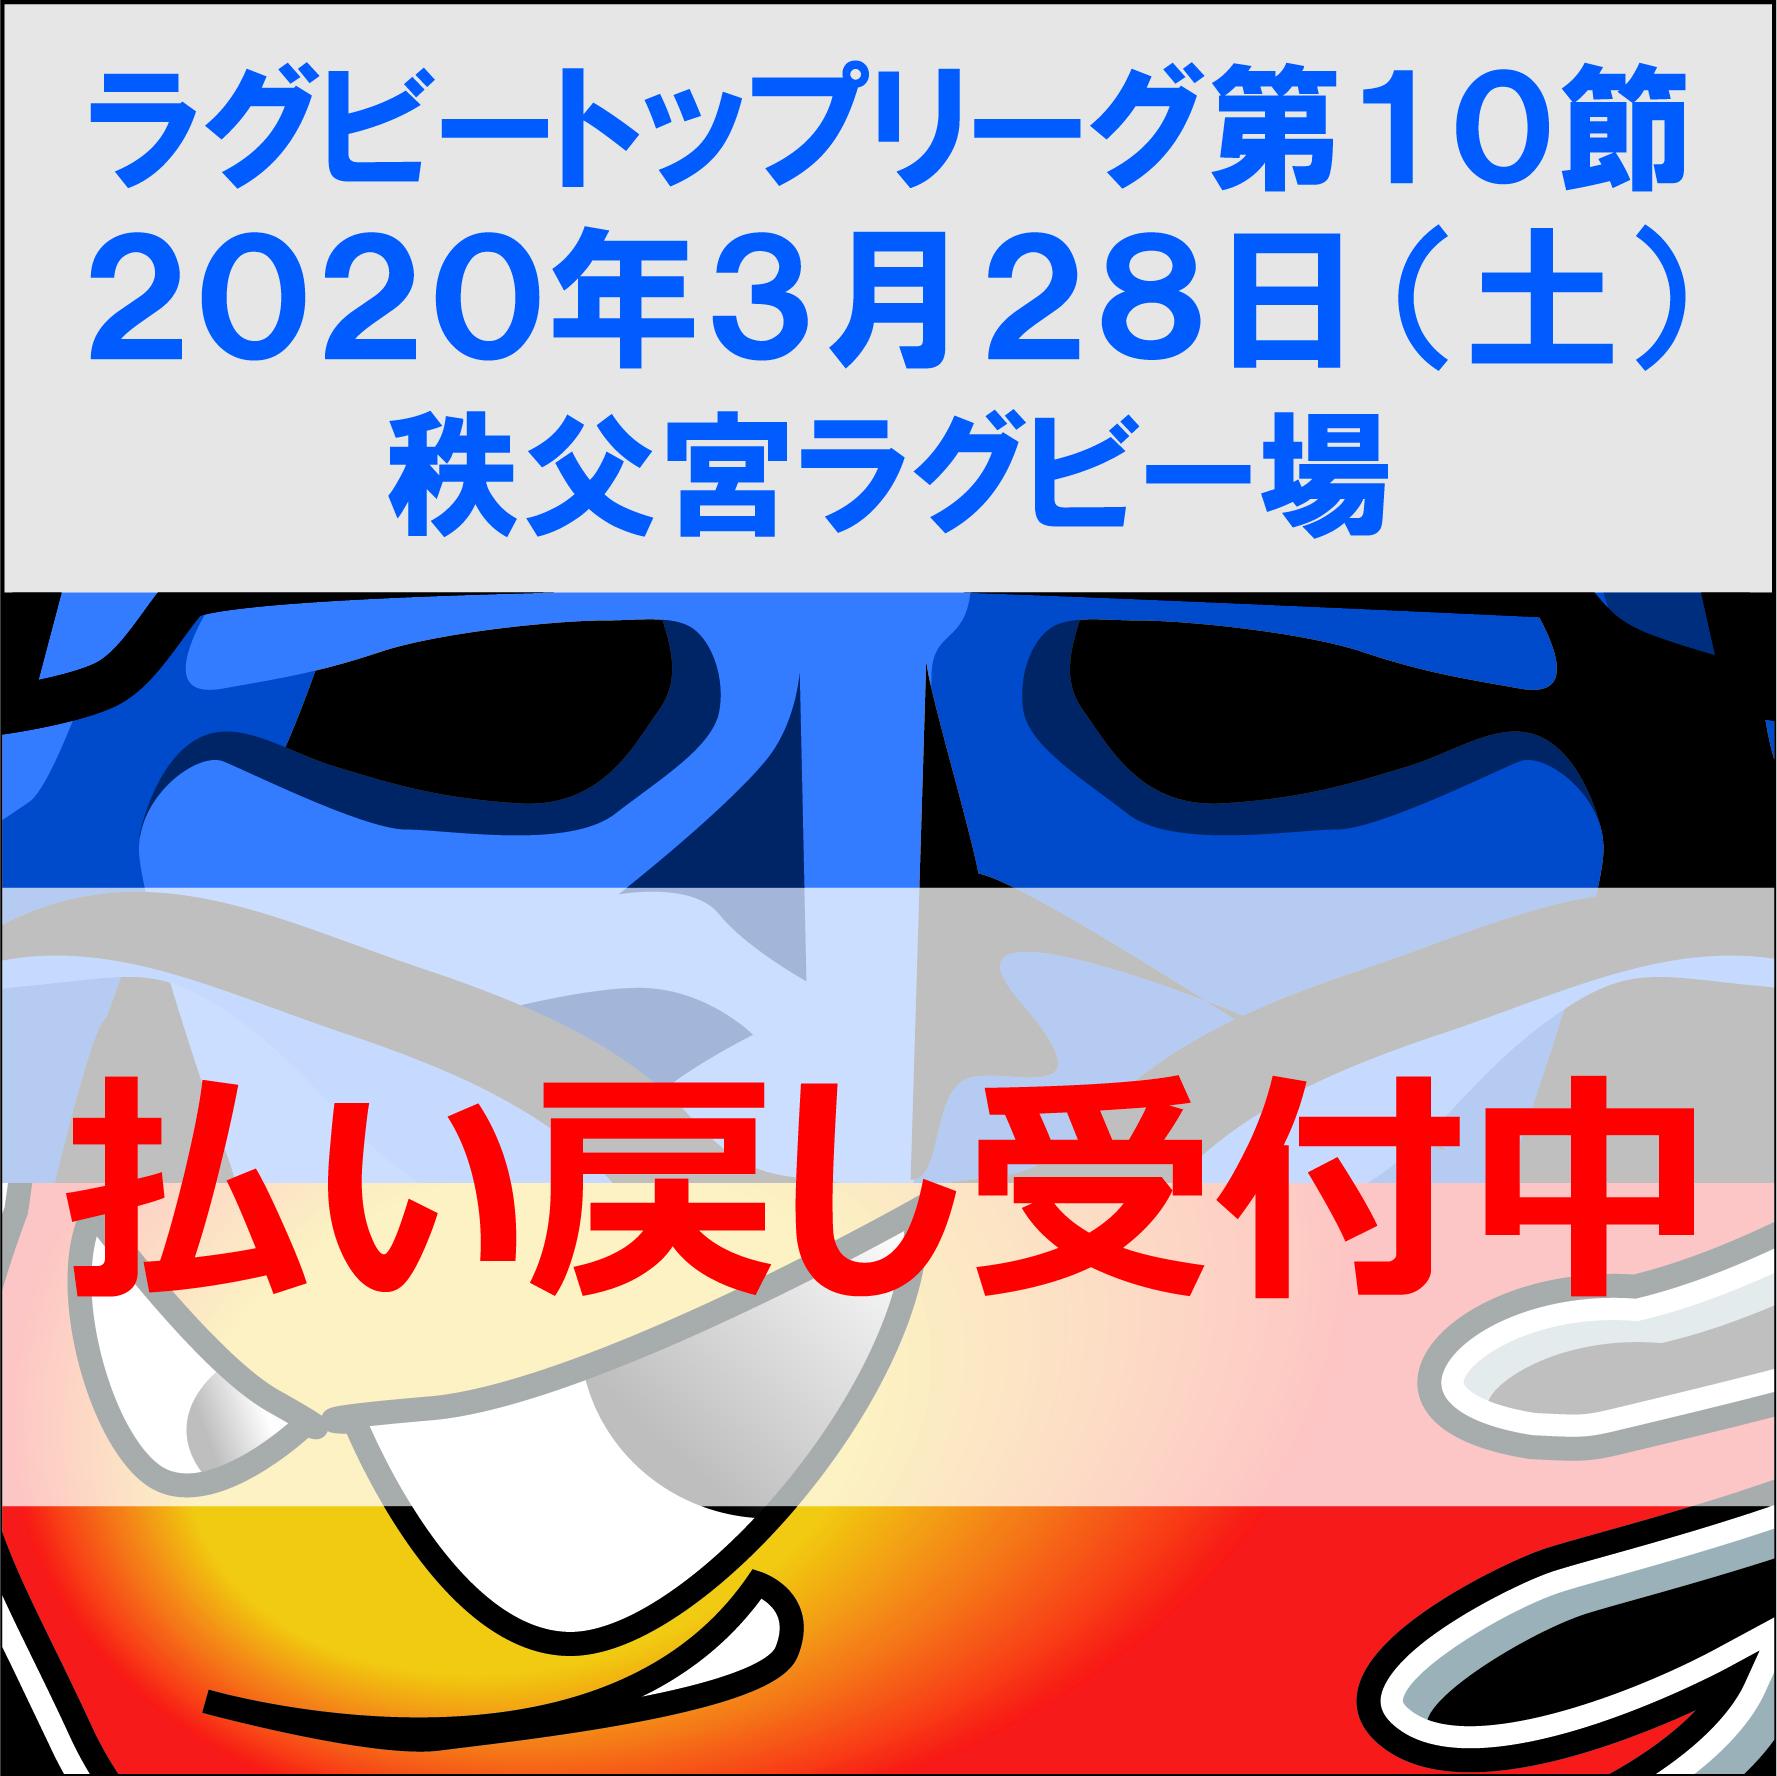 【会員限定入場券引換証】 第10節 vs Honda HEAT @秩父宮ラグビー場 <2020年3月28日(土)開催>(※未会員の方、入会されても会員証がお手元に届いていない方はお申込できません)